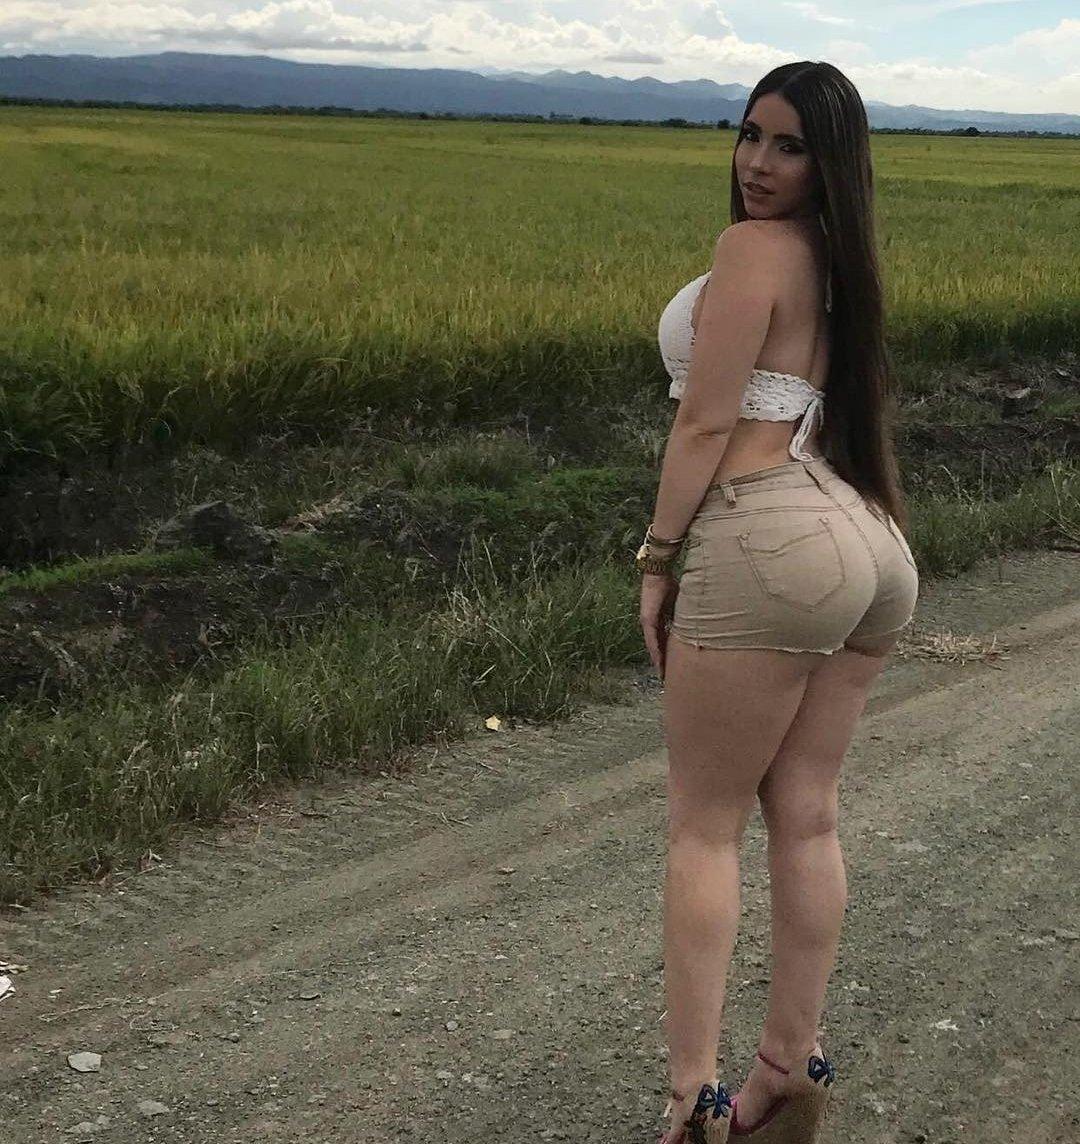 Vanessa Bohorquez Vanebp19 Onlyfans Sexy Leaks 0038